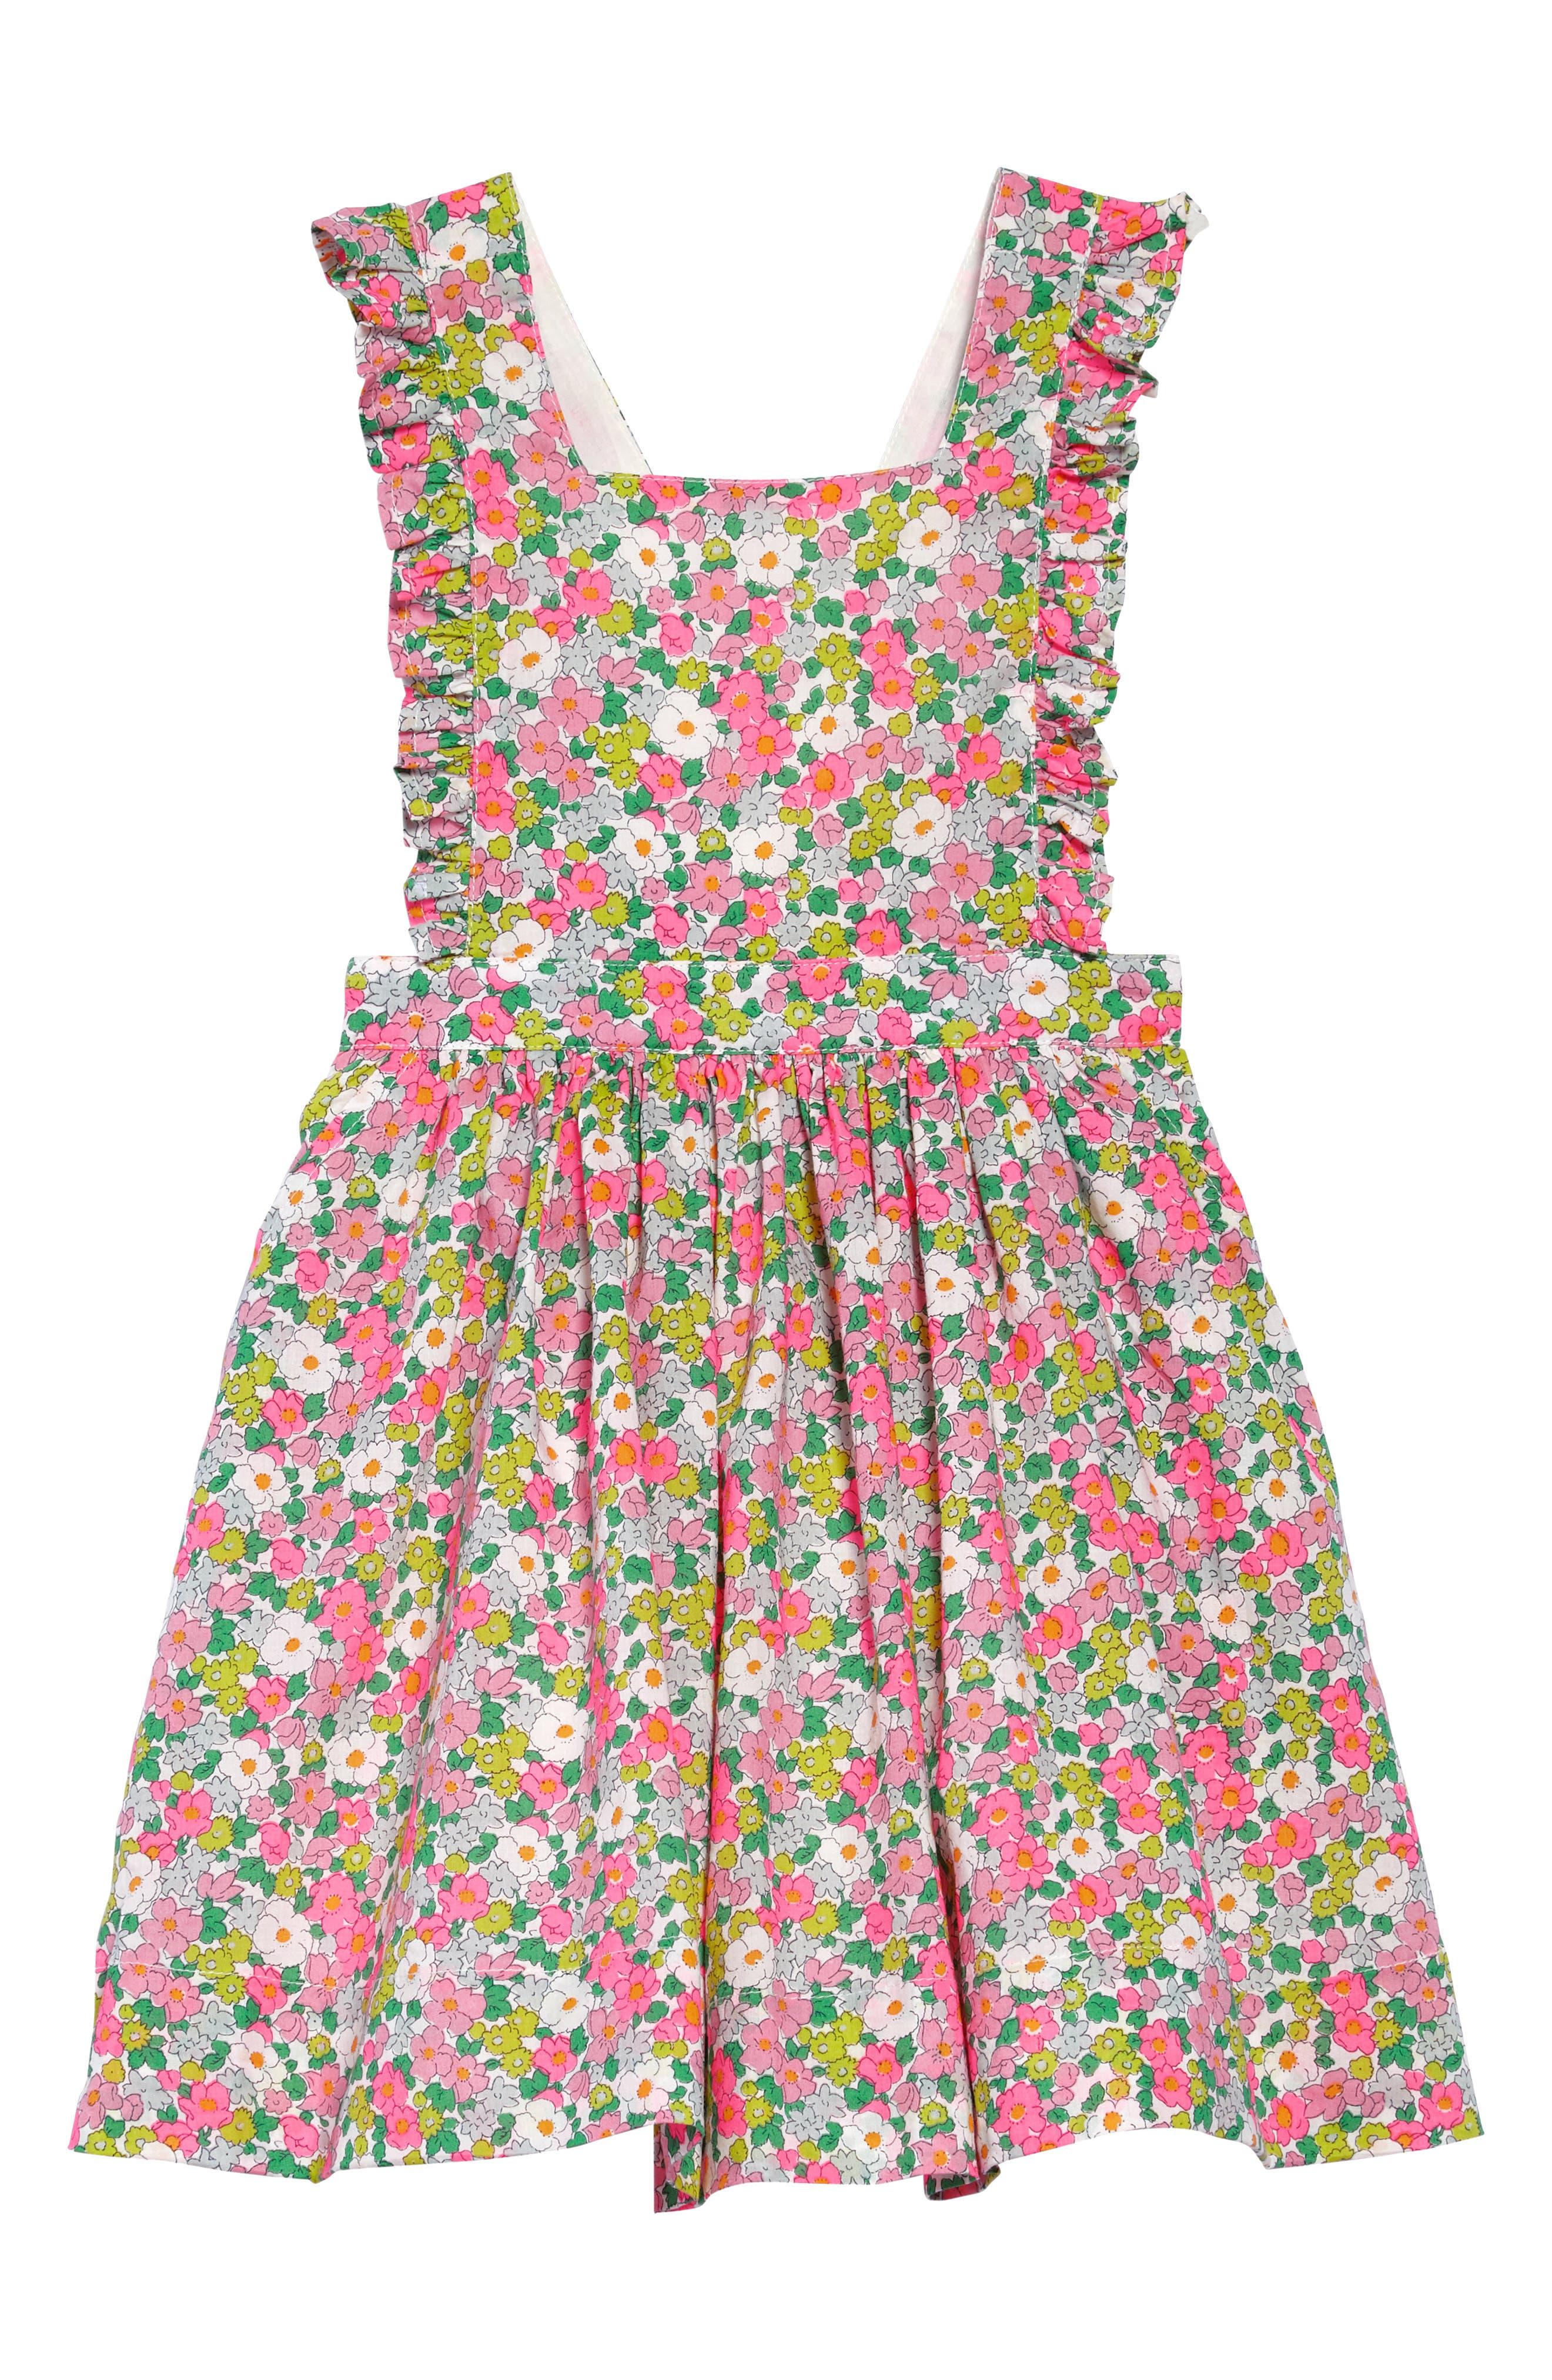 Alternate Image 1 Selected - Mini Boden Frill Cross Back Woven Dress (Toddler Girls, Little Girls & Big Girls)